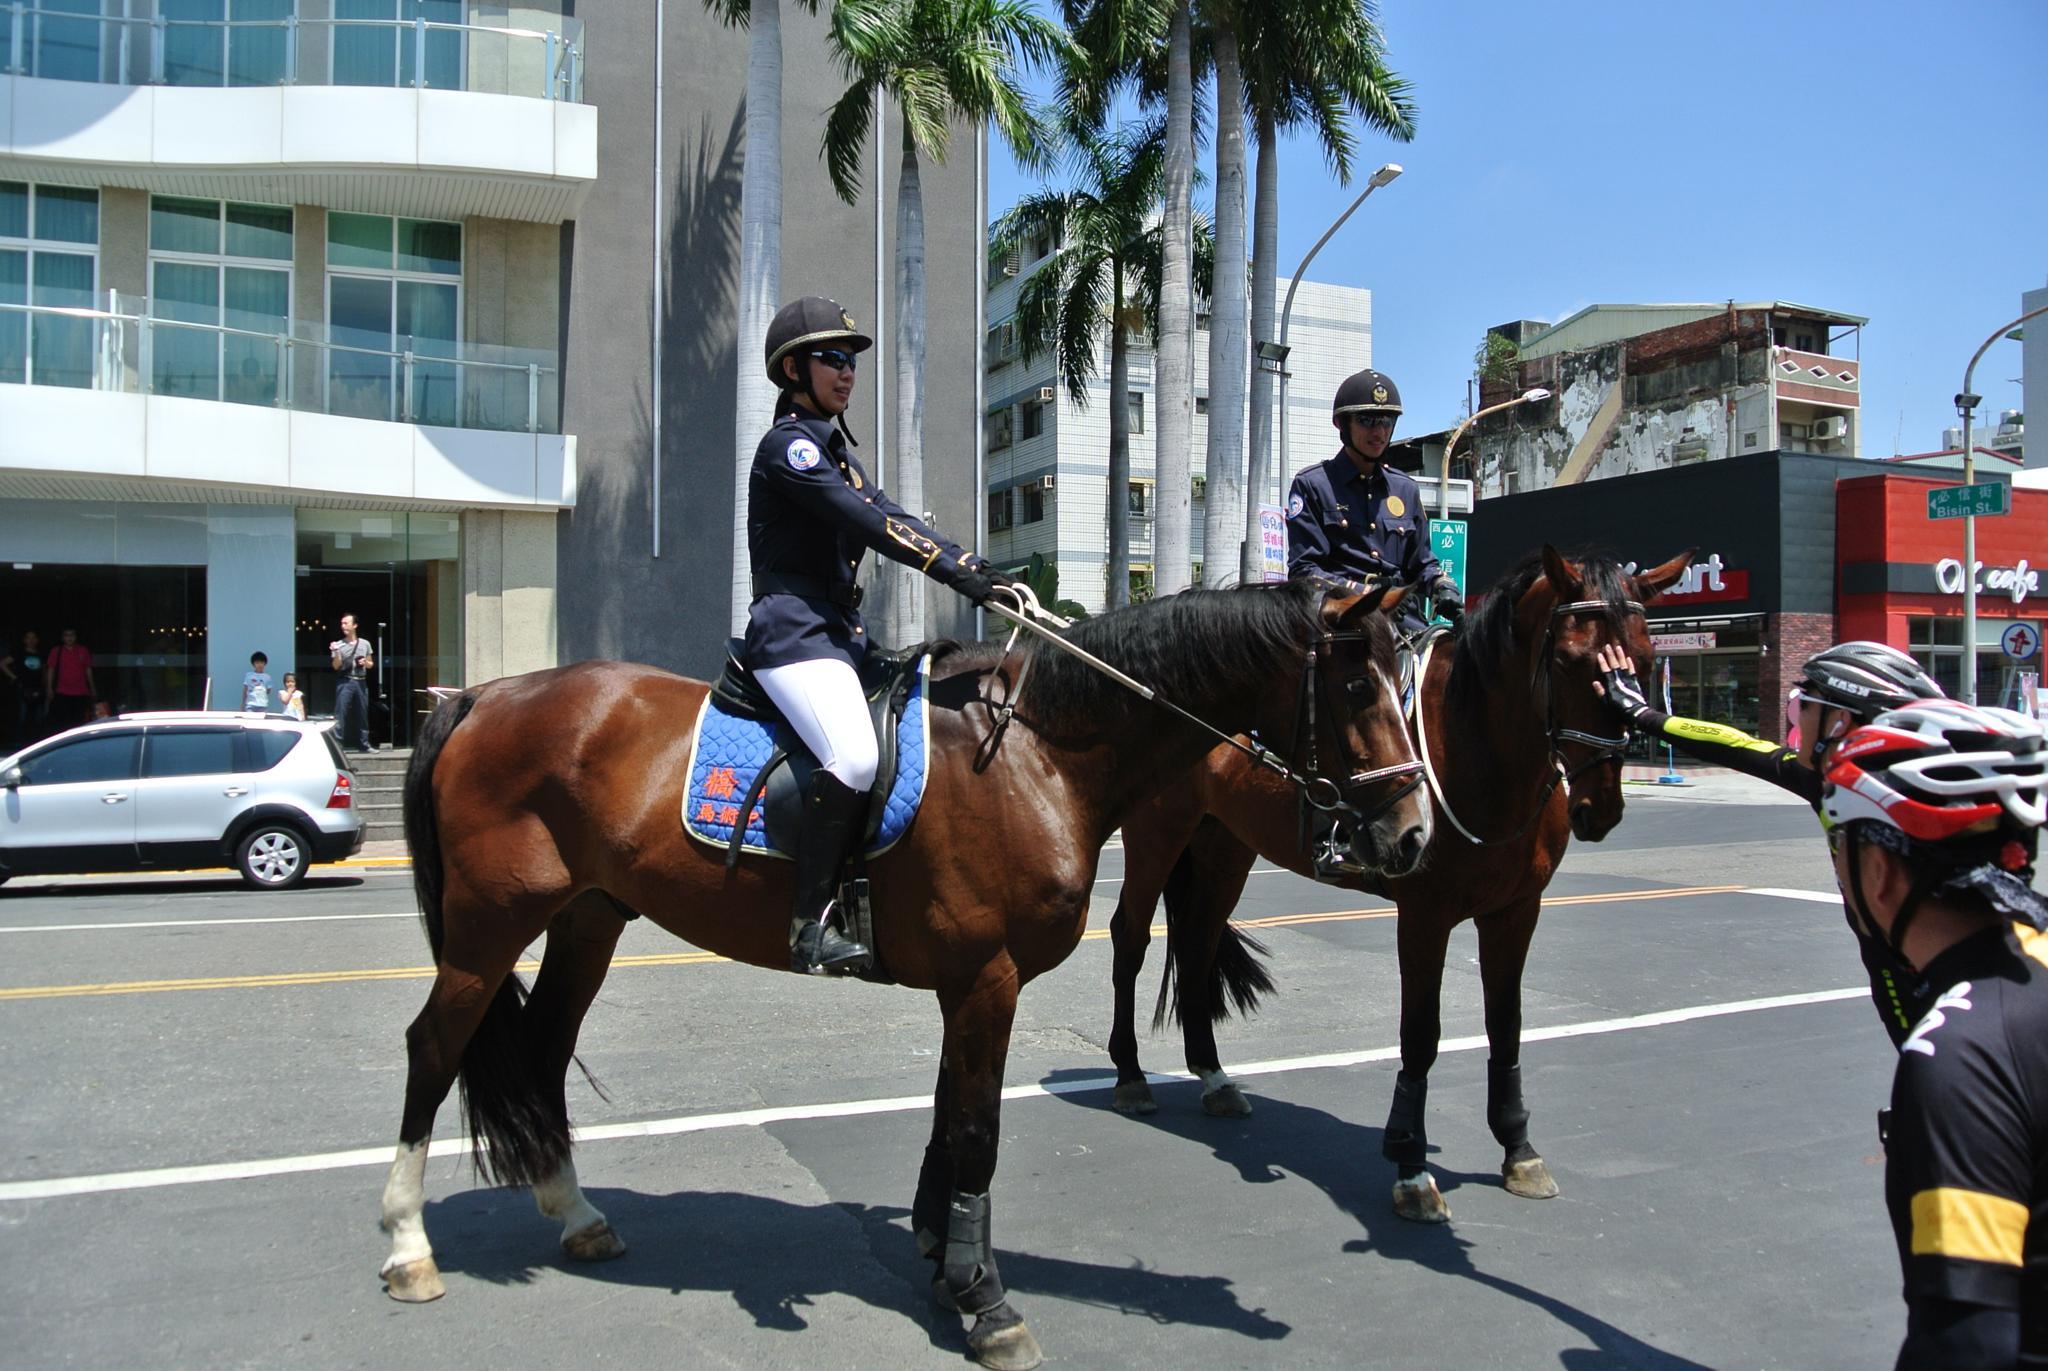 Riding Police by leehenrysg